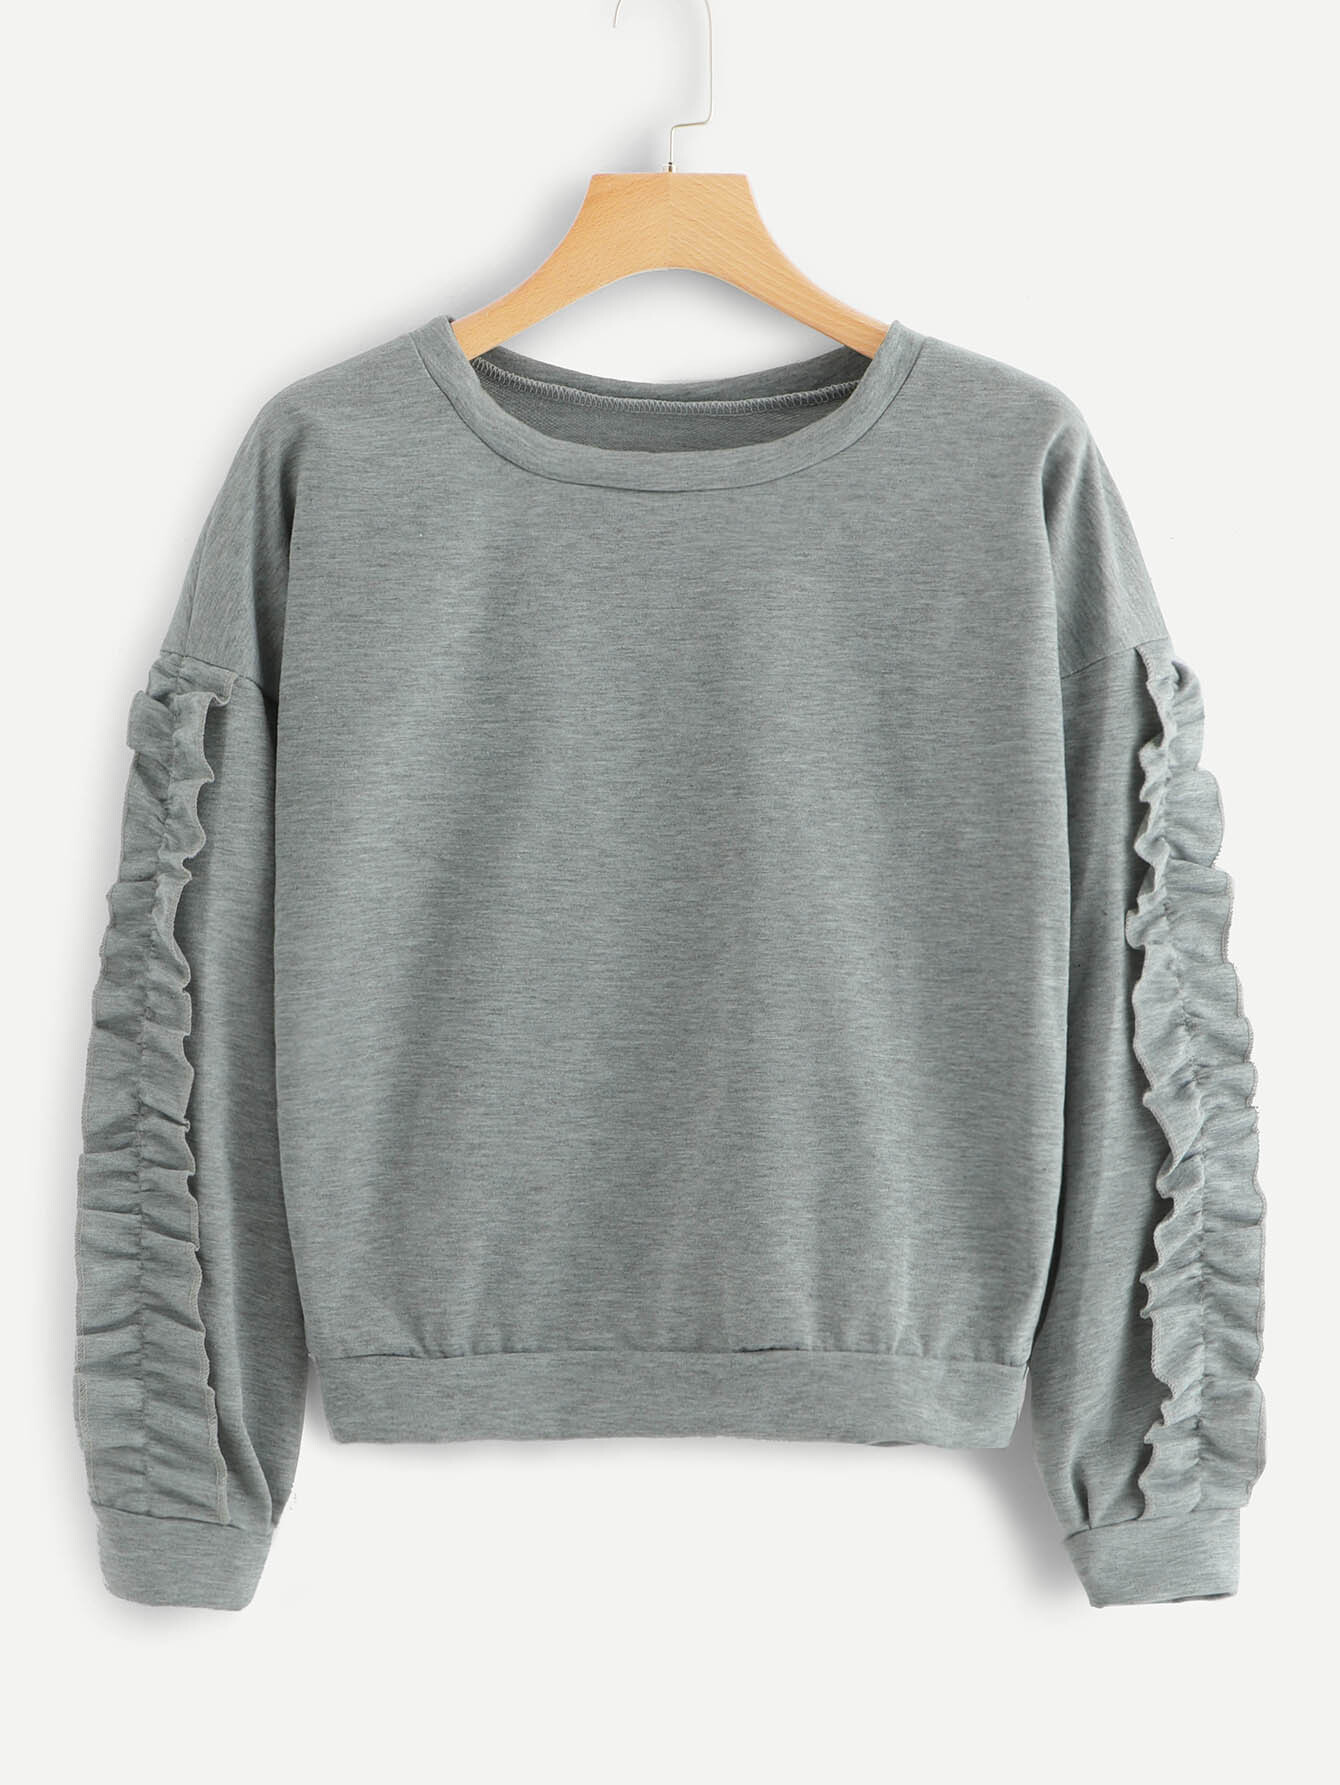 Купить Повседневный Ровный цвет Оборка Пуловеры Серый Свитшоты, null, SheIn